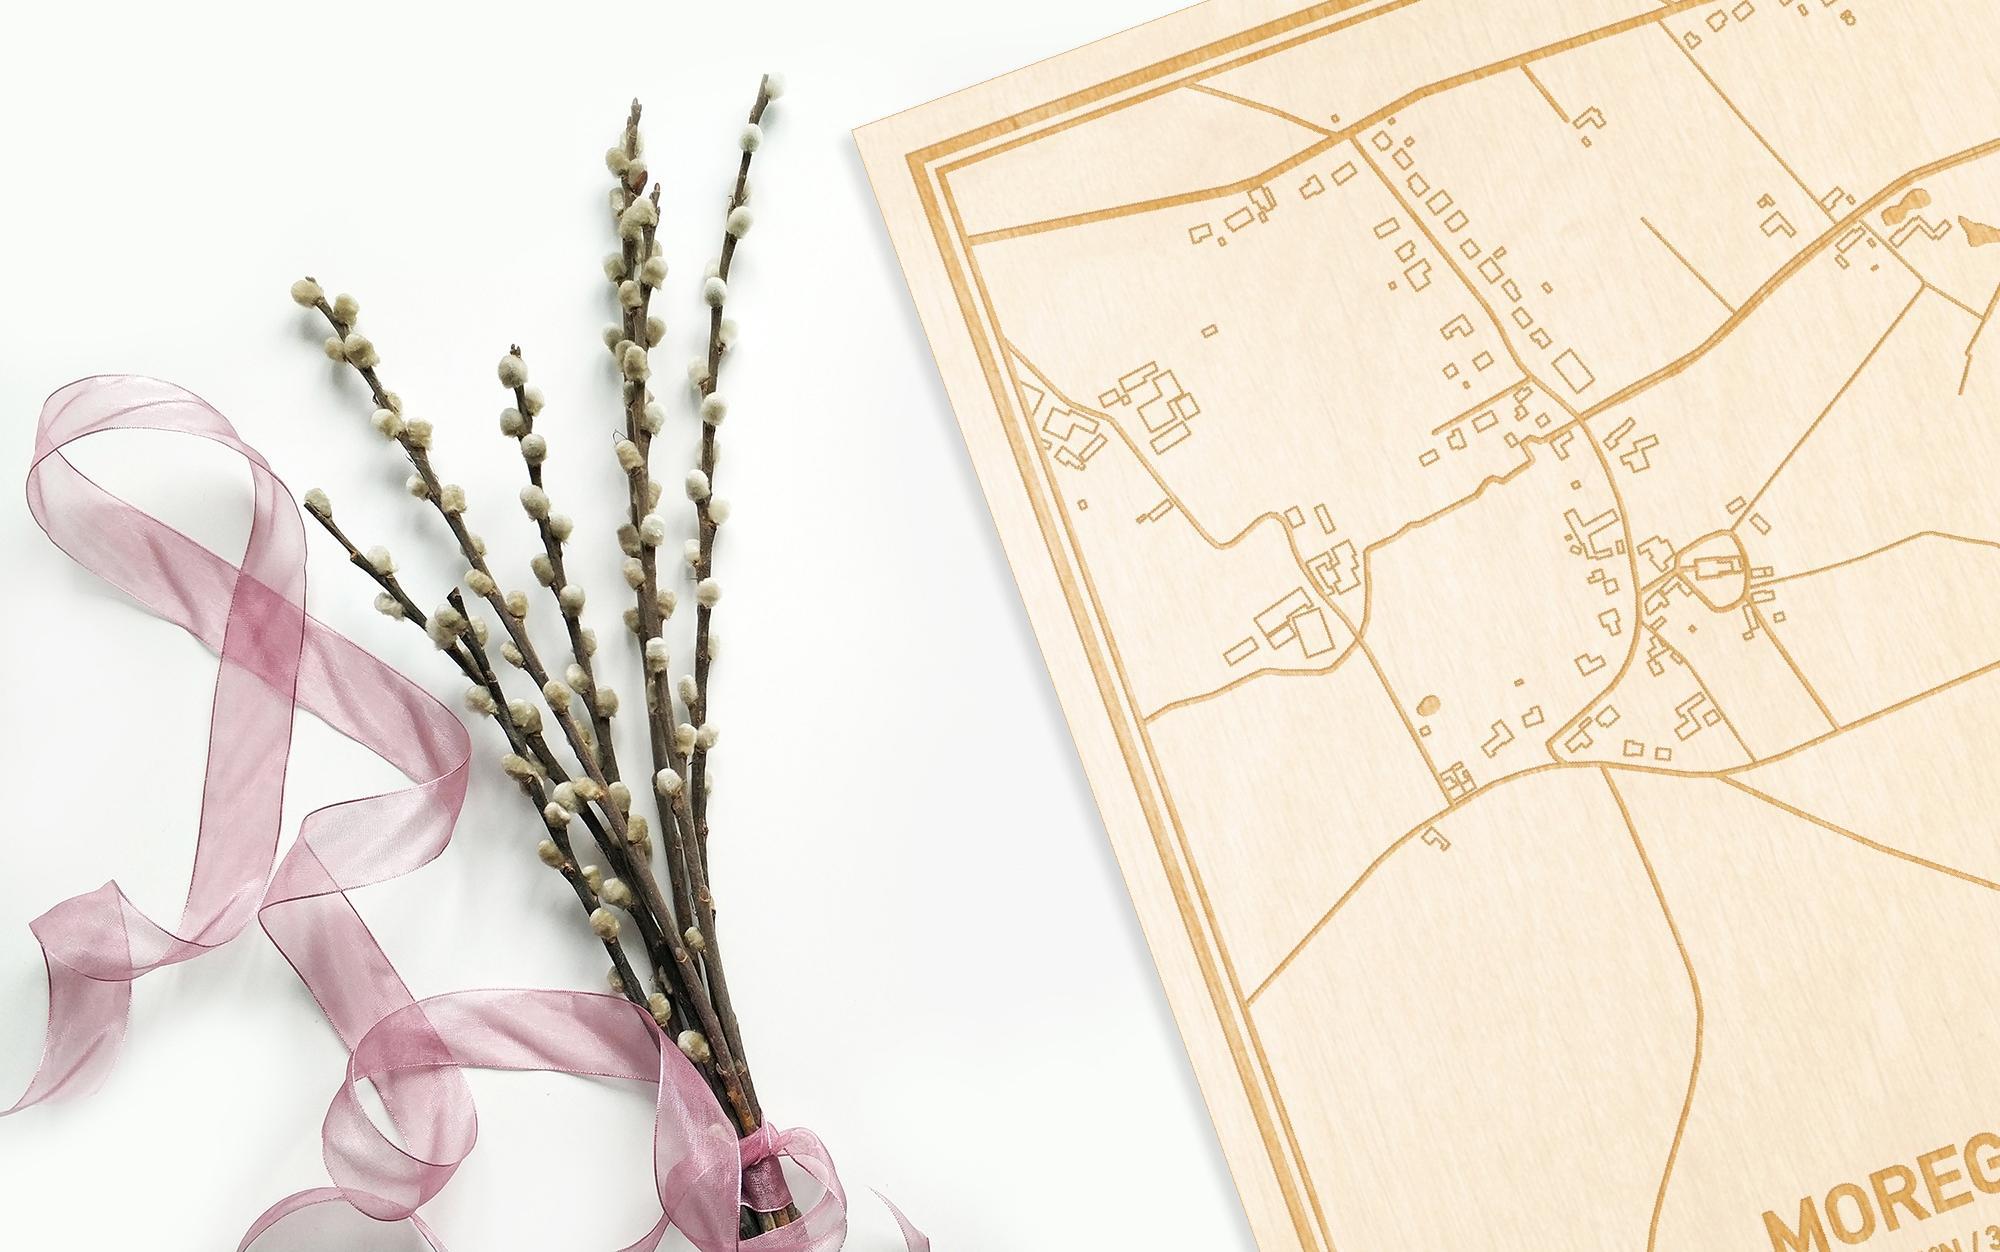 Hier ligt de houten plattegrond Moregem naast een bloemetje als gepersonaliseerd cadeau voor haar.